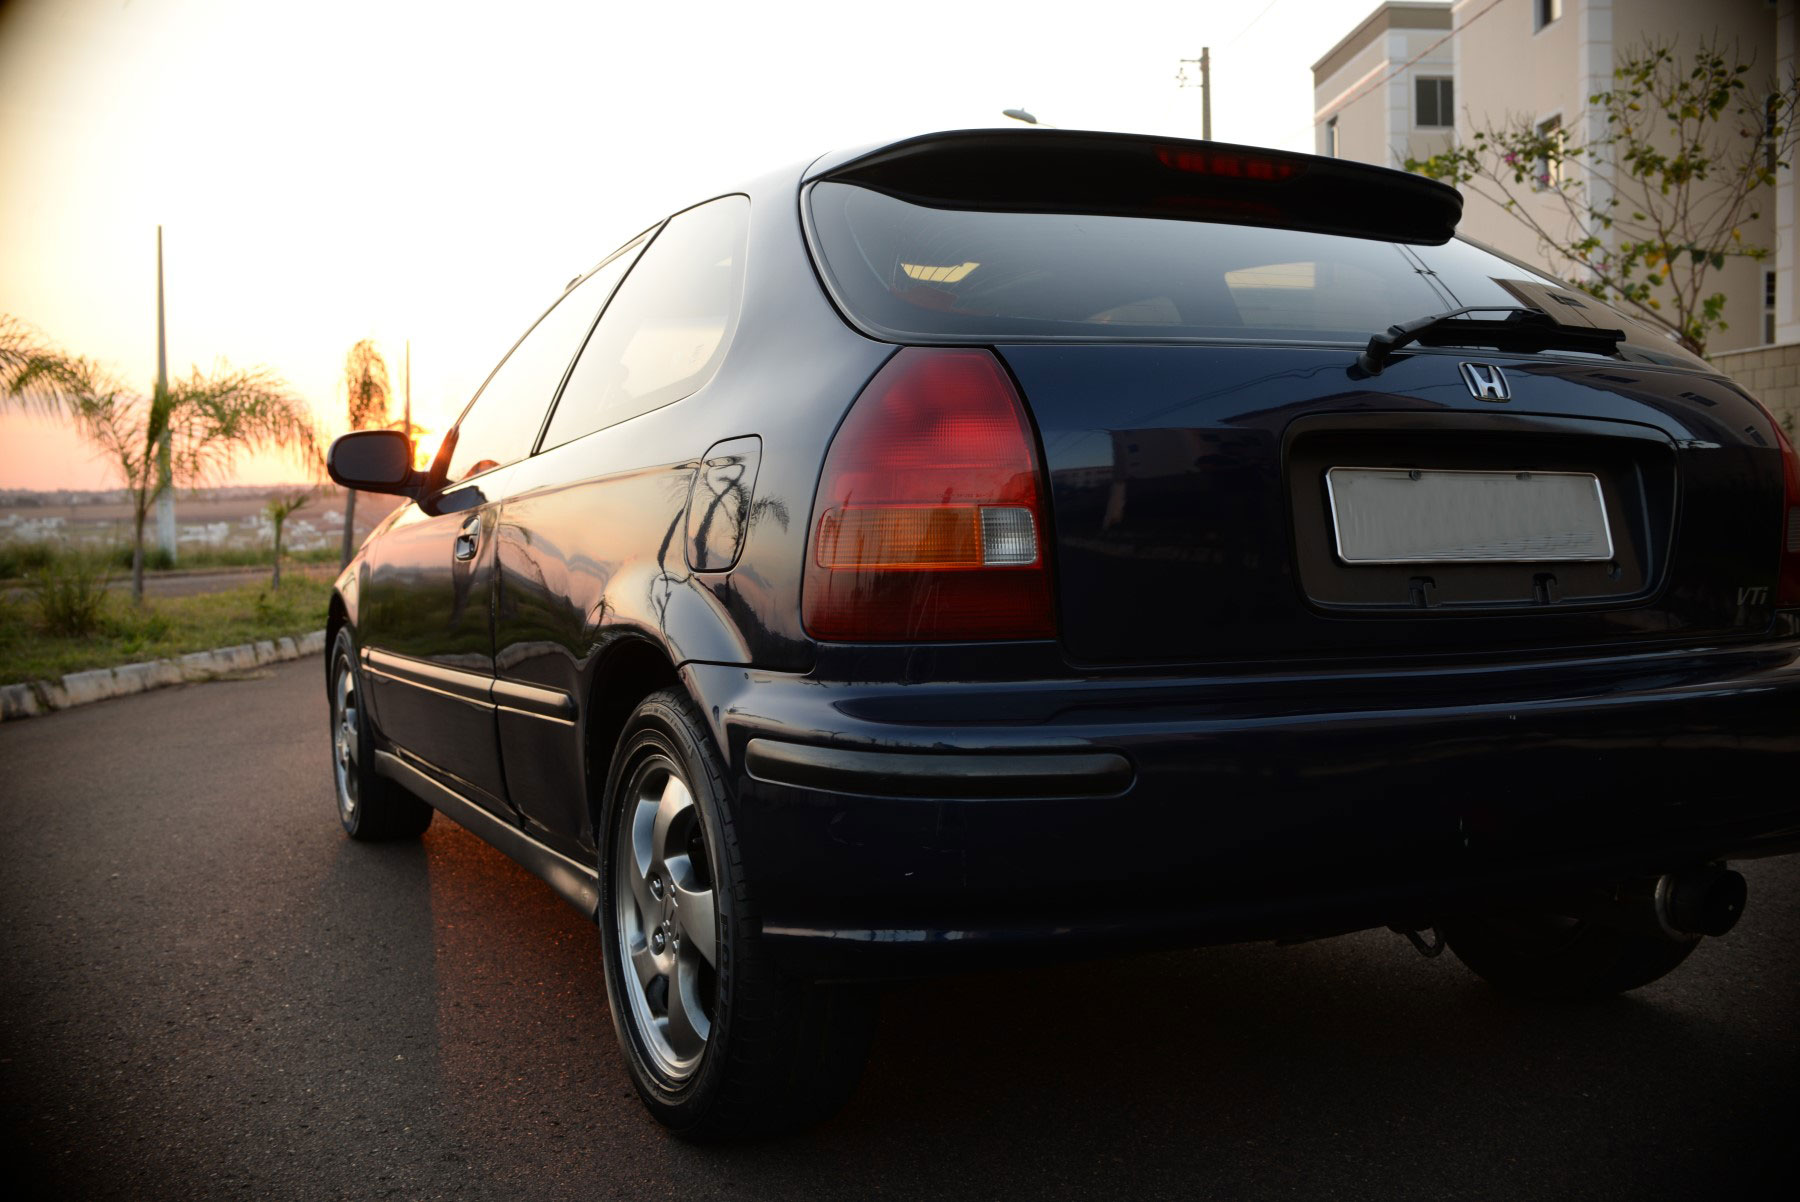 Ensaio Civic Vti EK4 - 02